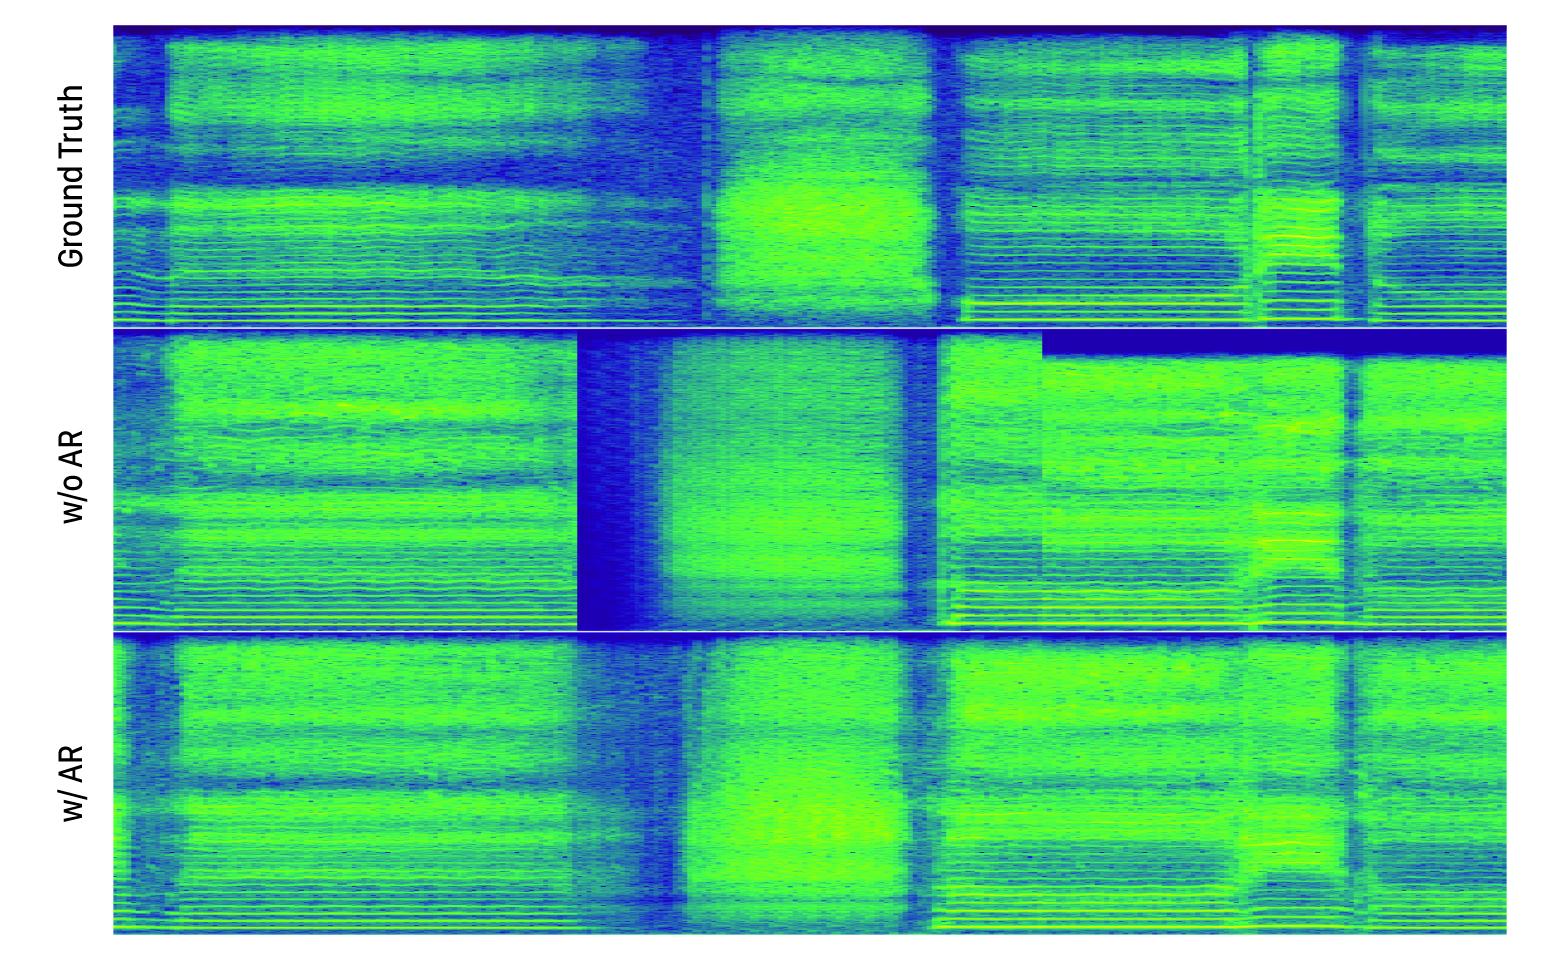 Spectrograms for upload 2